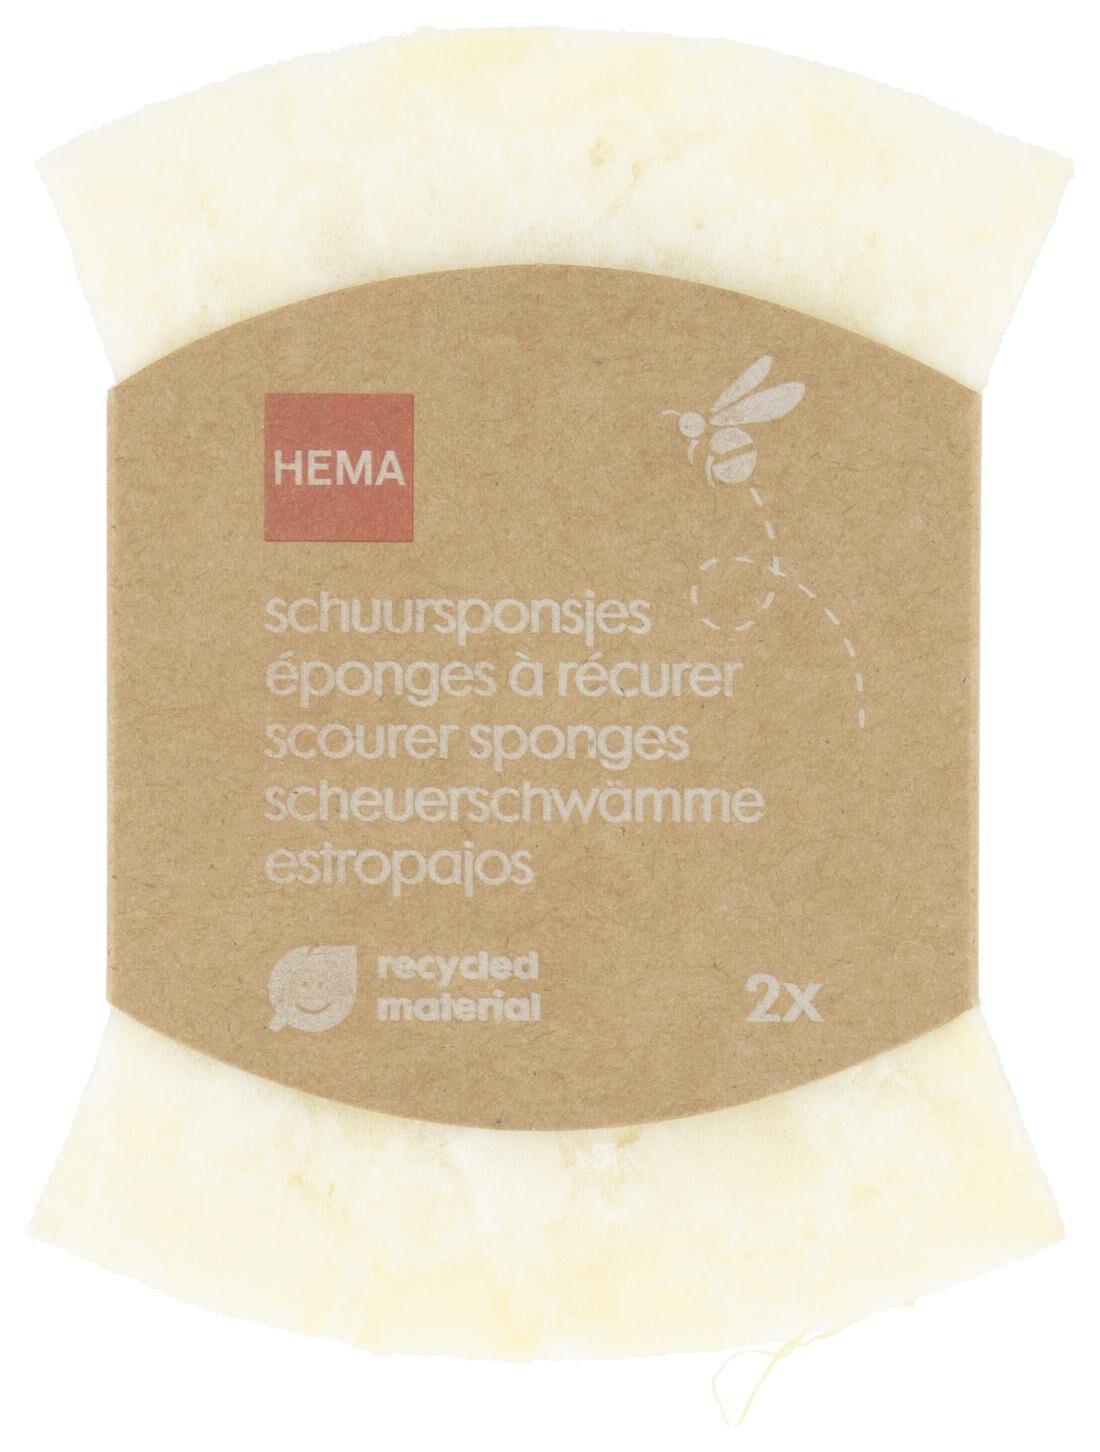 HEMA Schuurspons - Recycled - 2 Stuks